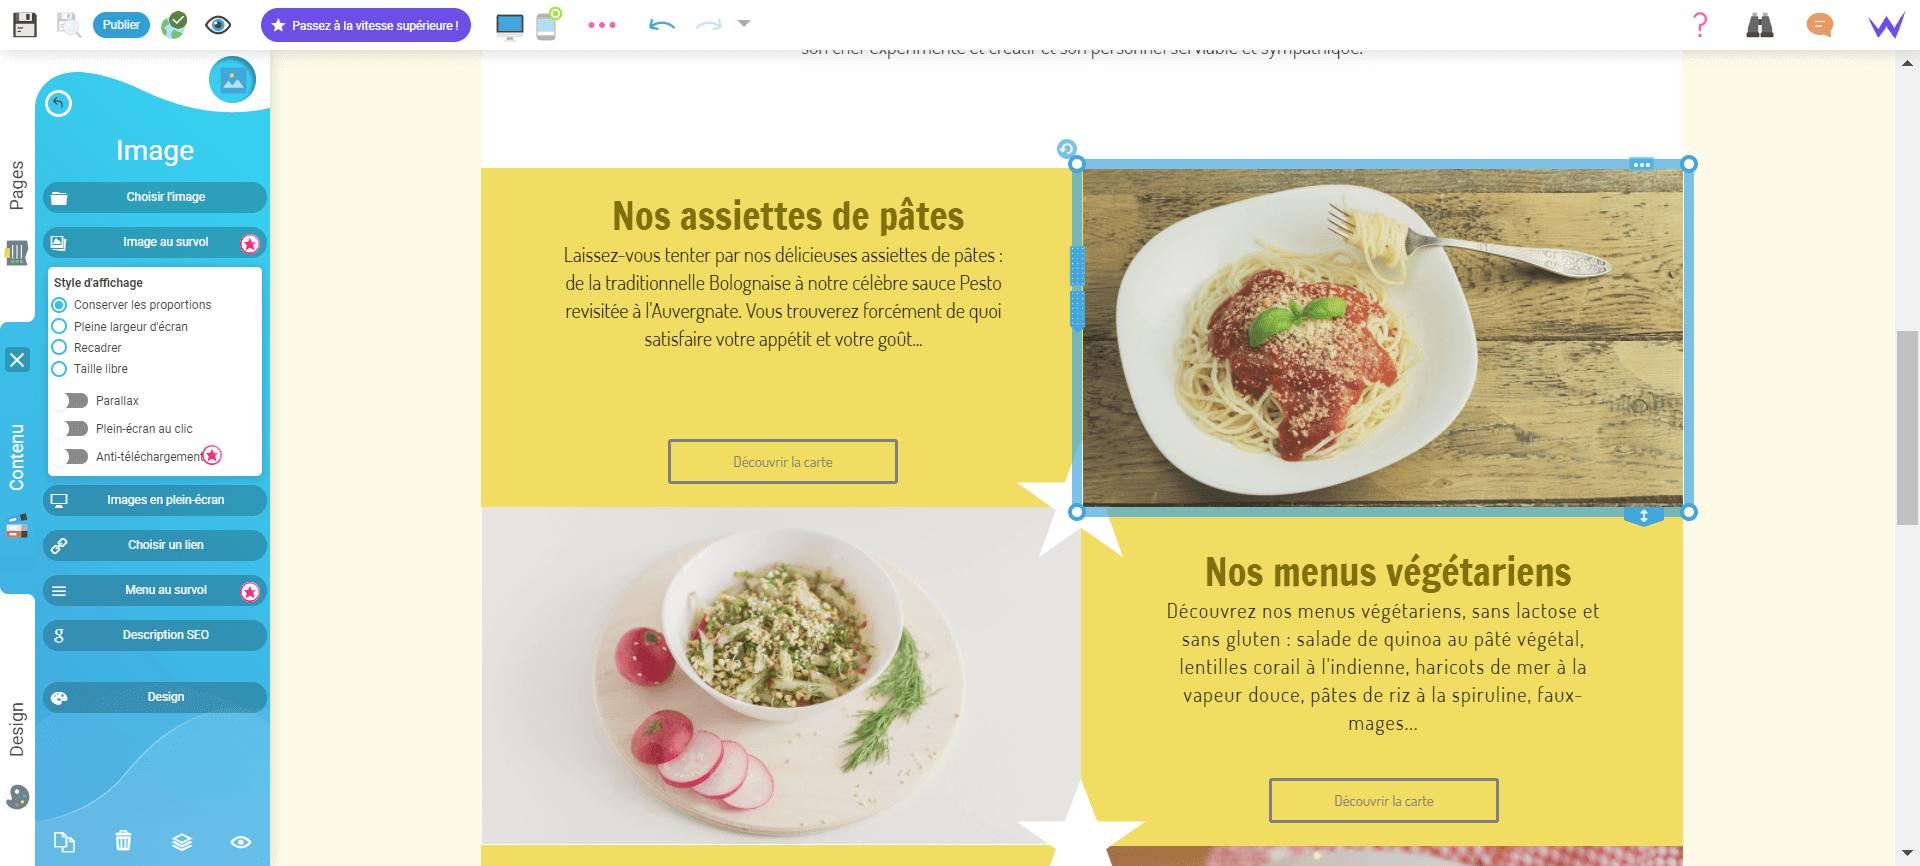 cuisine6.jpg